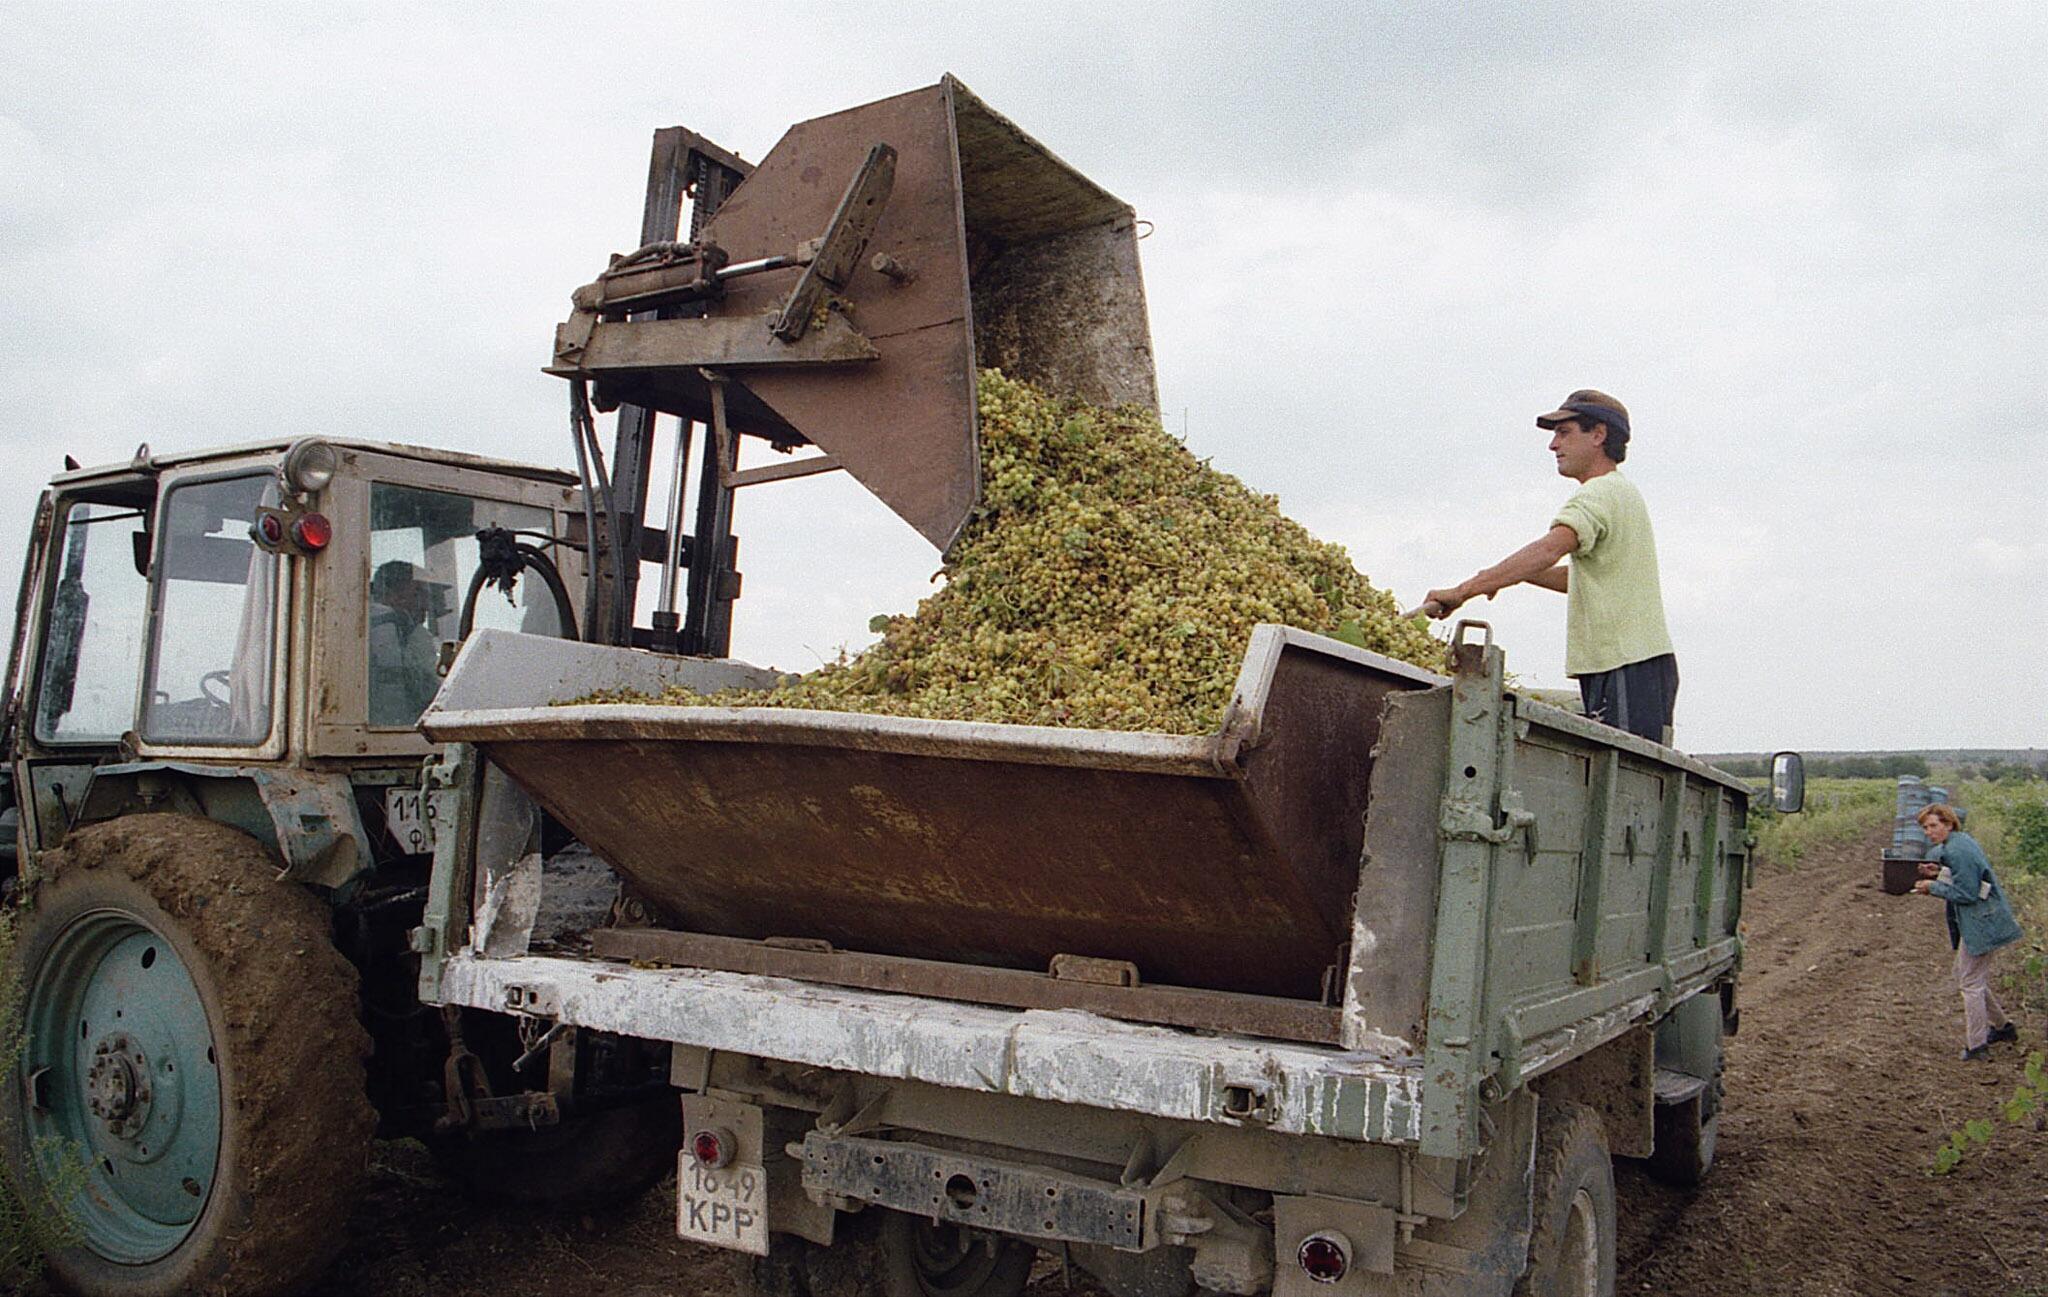 Récolte viticole en Crimée, lors de la saison des vendanges en 2013.